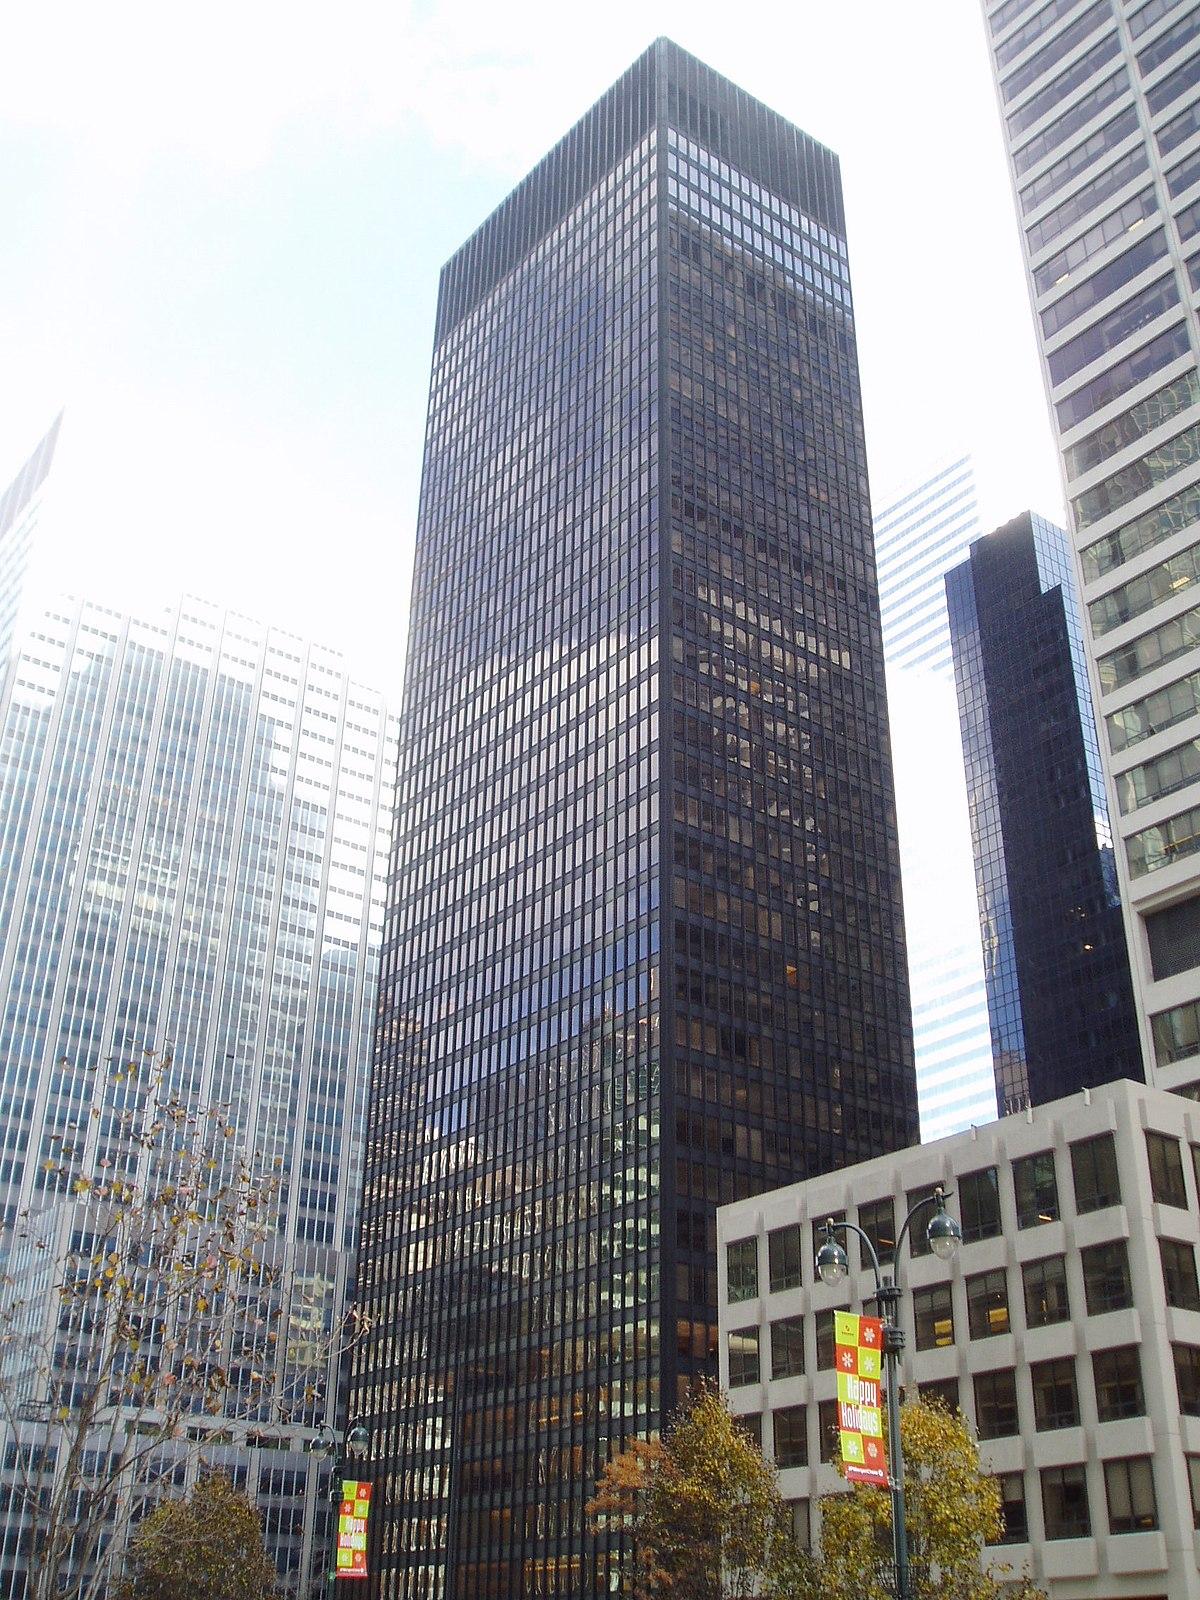 1958 in architecture wikipedia